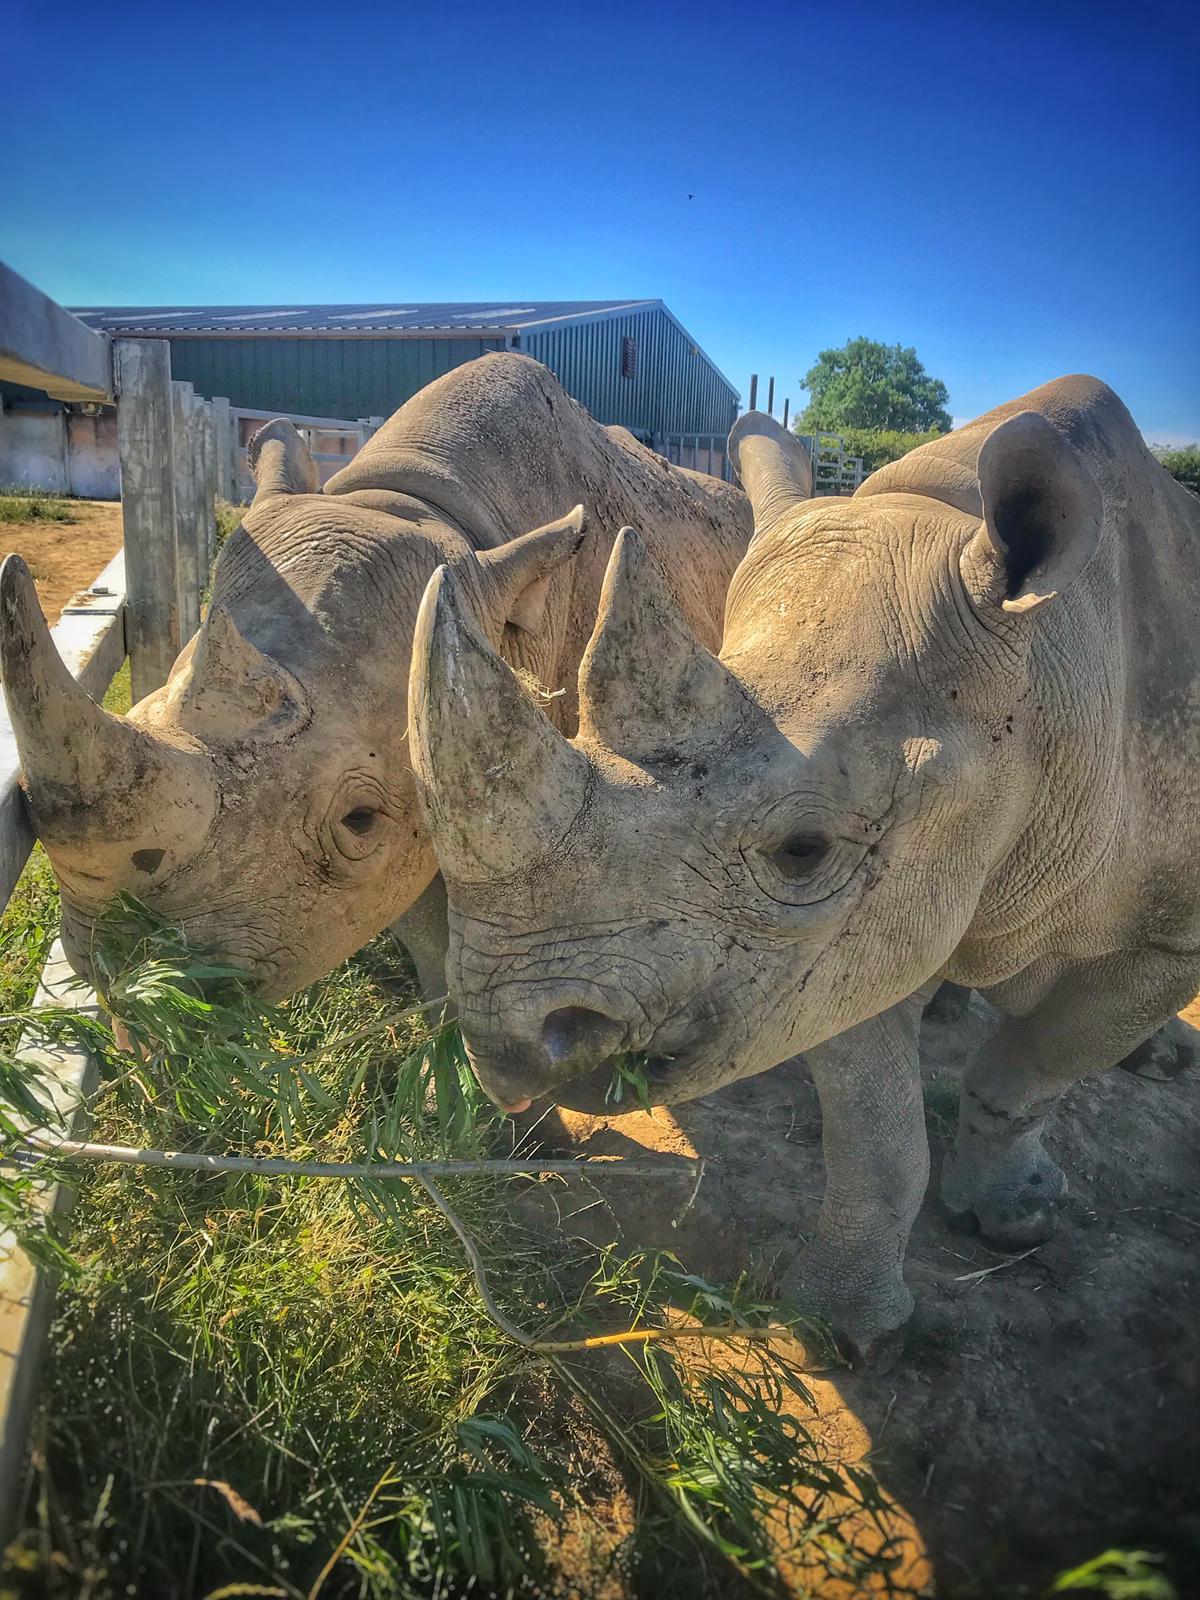 Folly Farm rhino's ultrasound scan on video